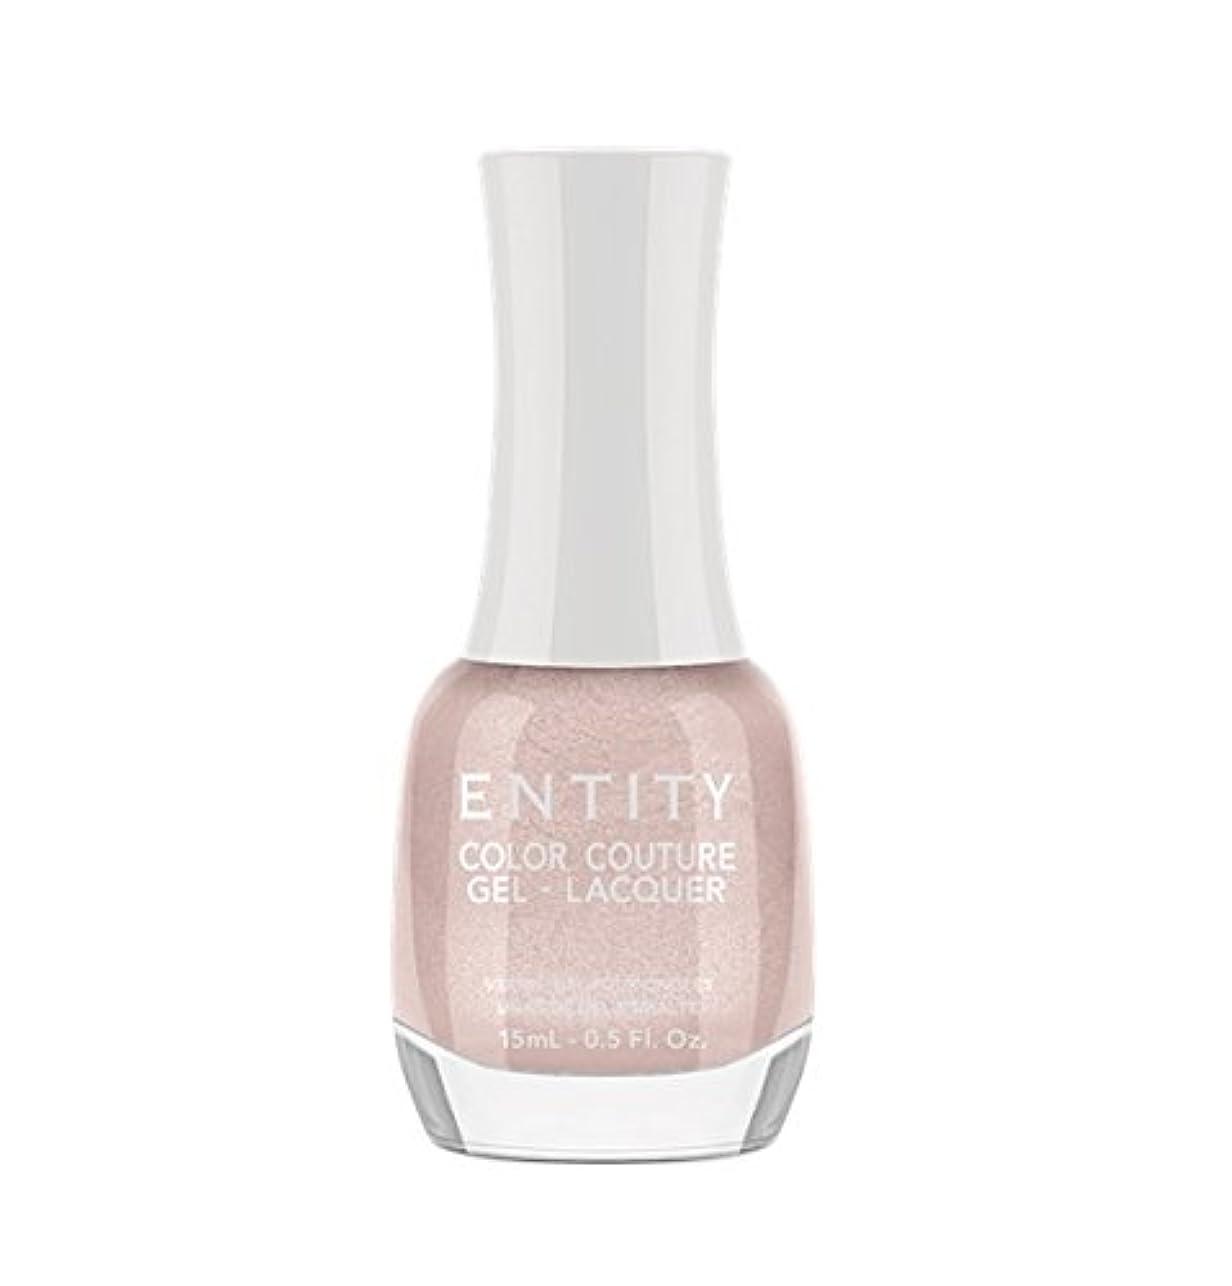 いちゃつくスリラーその間Entity Color Couture Gel-Lacquer - Finishing Touch - 15 ml/0.5 oz